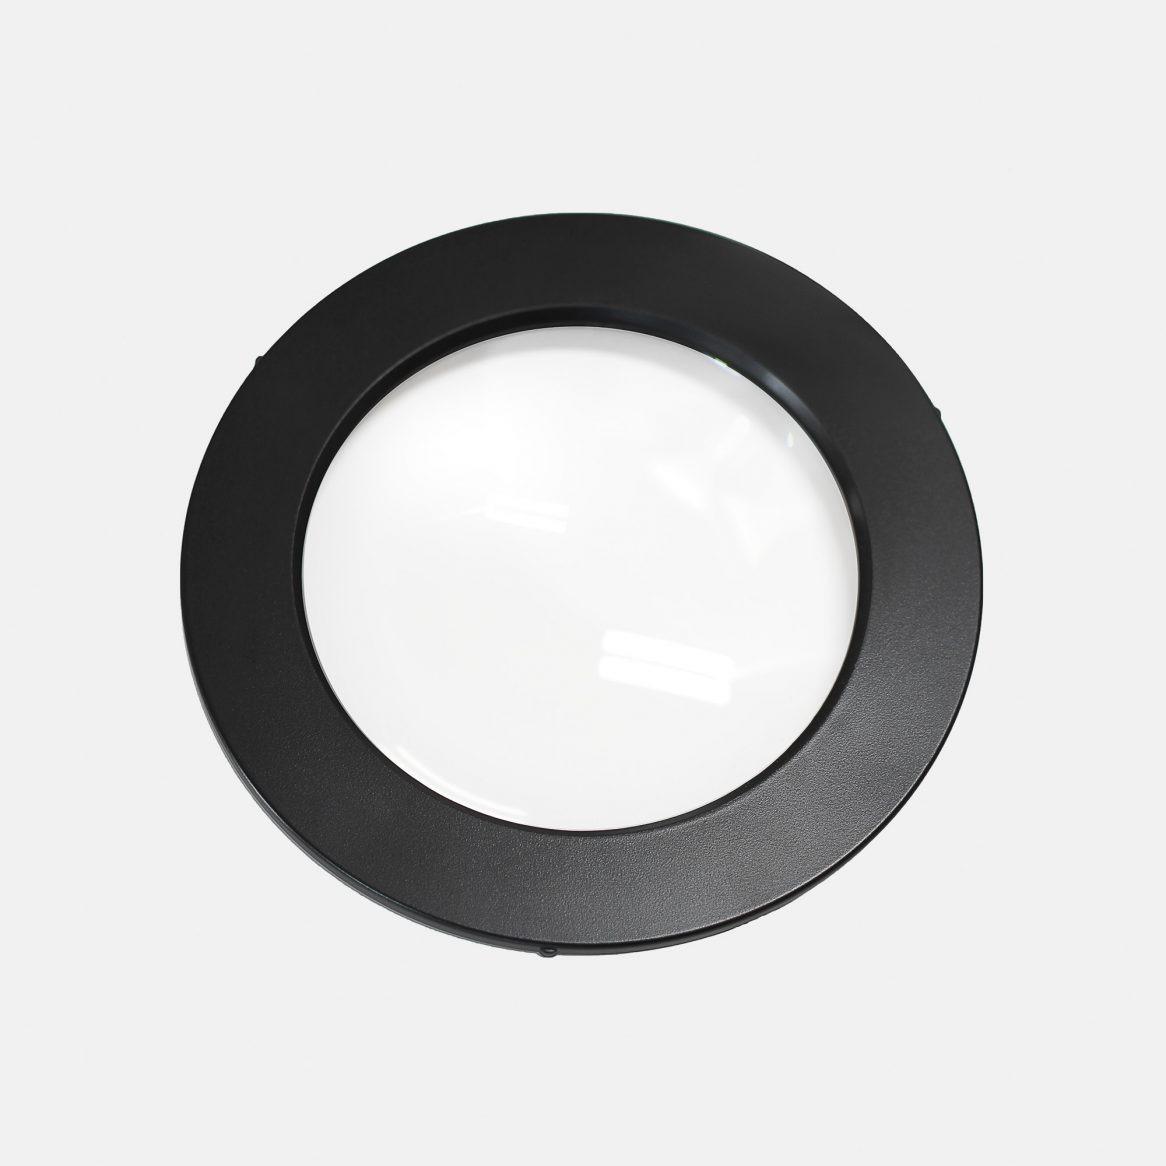 5 dioptres black ESD lens